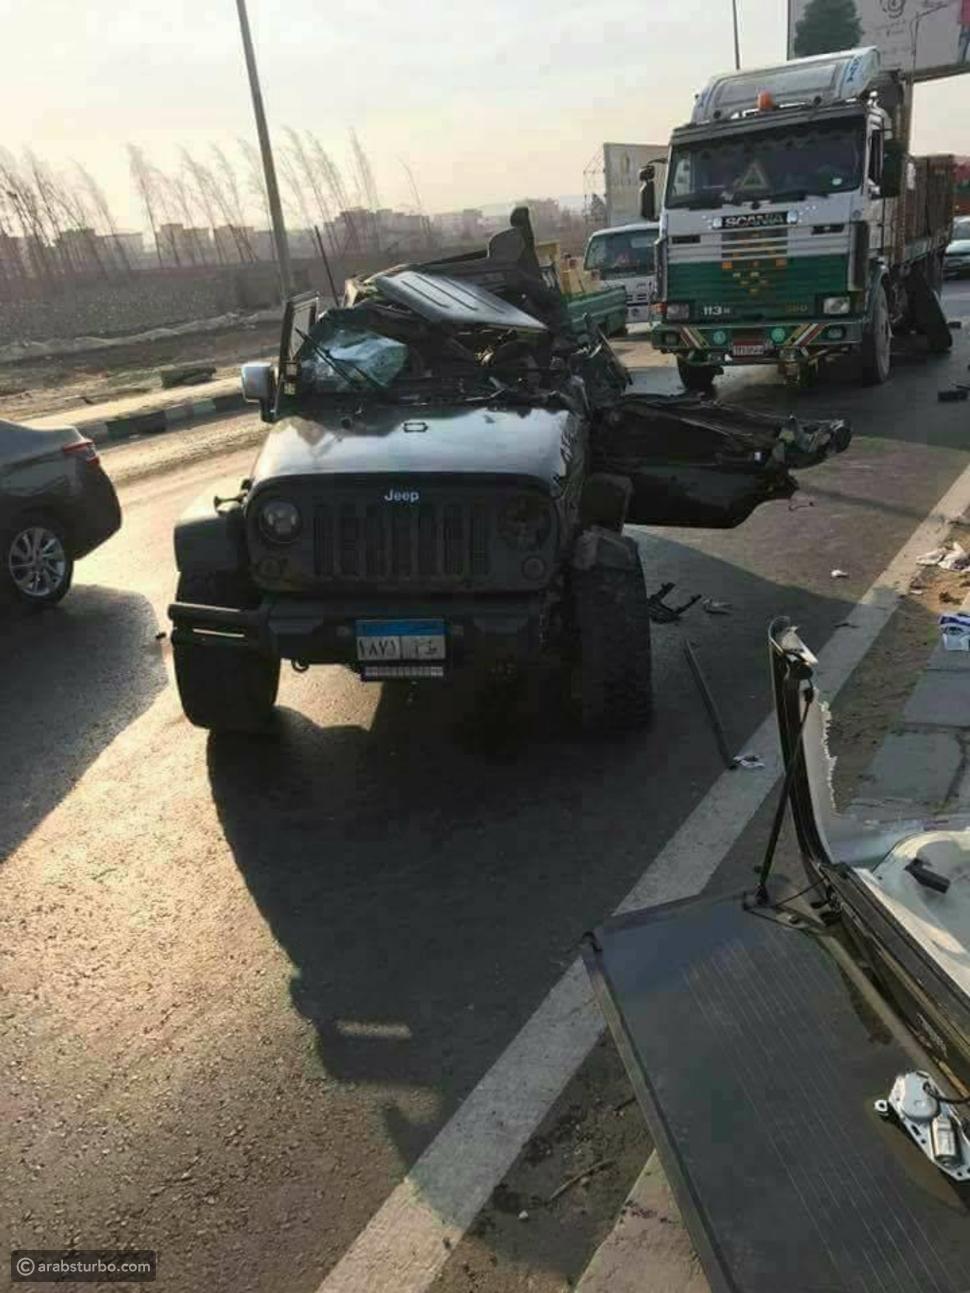 صور المخرج شادي الحصري يلقى مصرعه في حادث سير